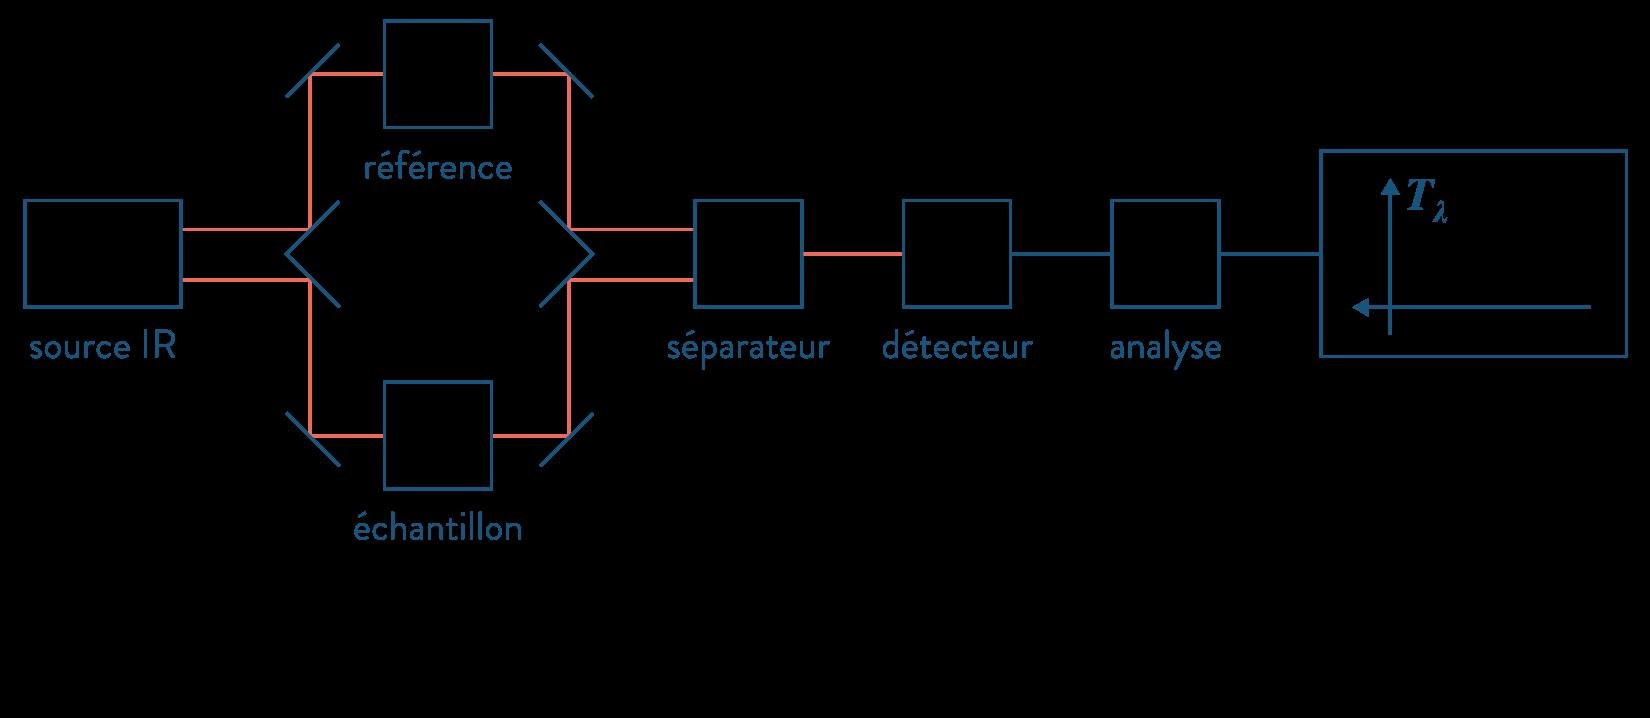 physique chimie première réforme représentation molécules nomenclature spectromètre infrarouge